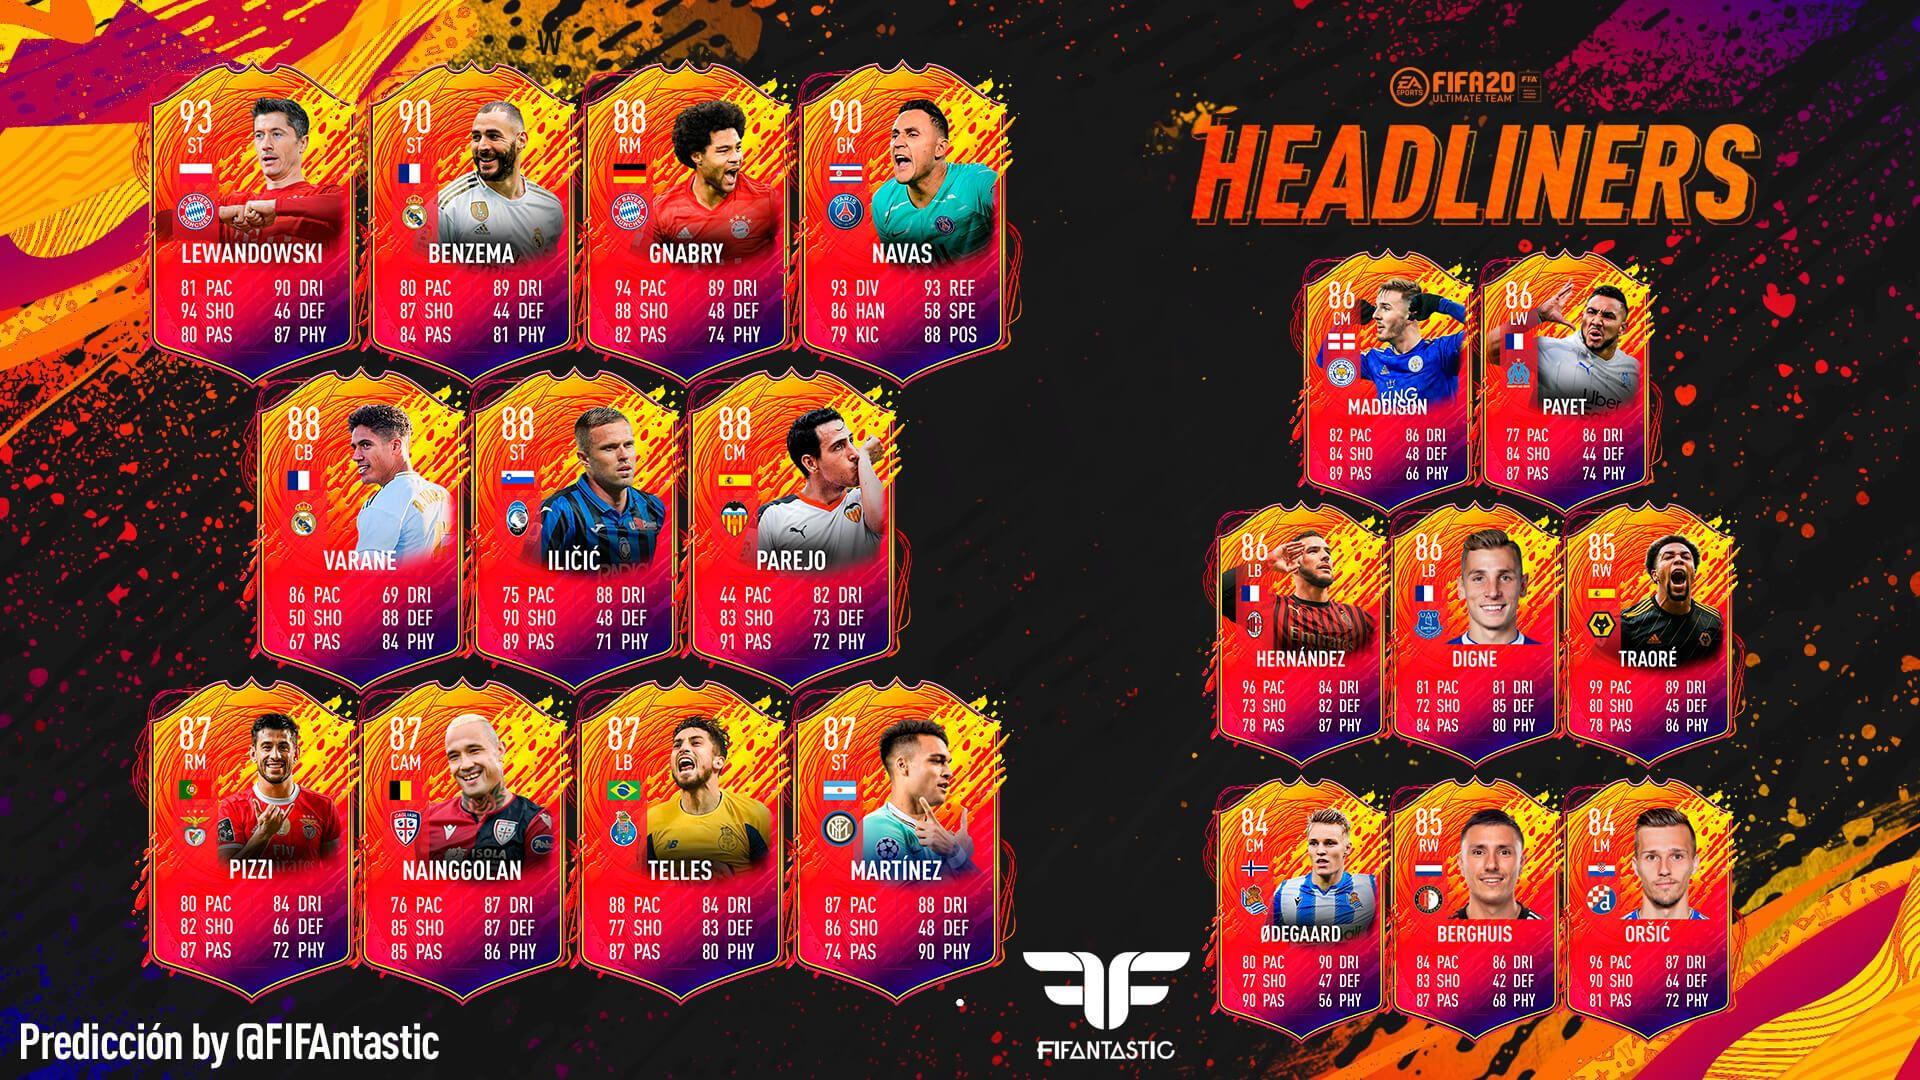 Predicción de los Headliners de FIFA 20